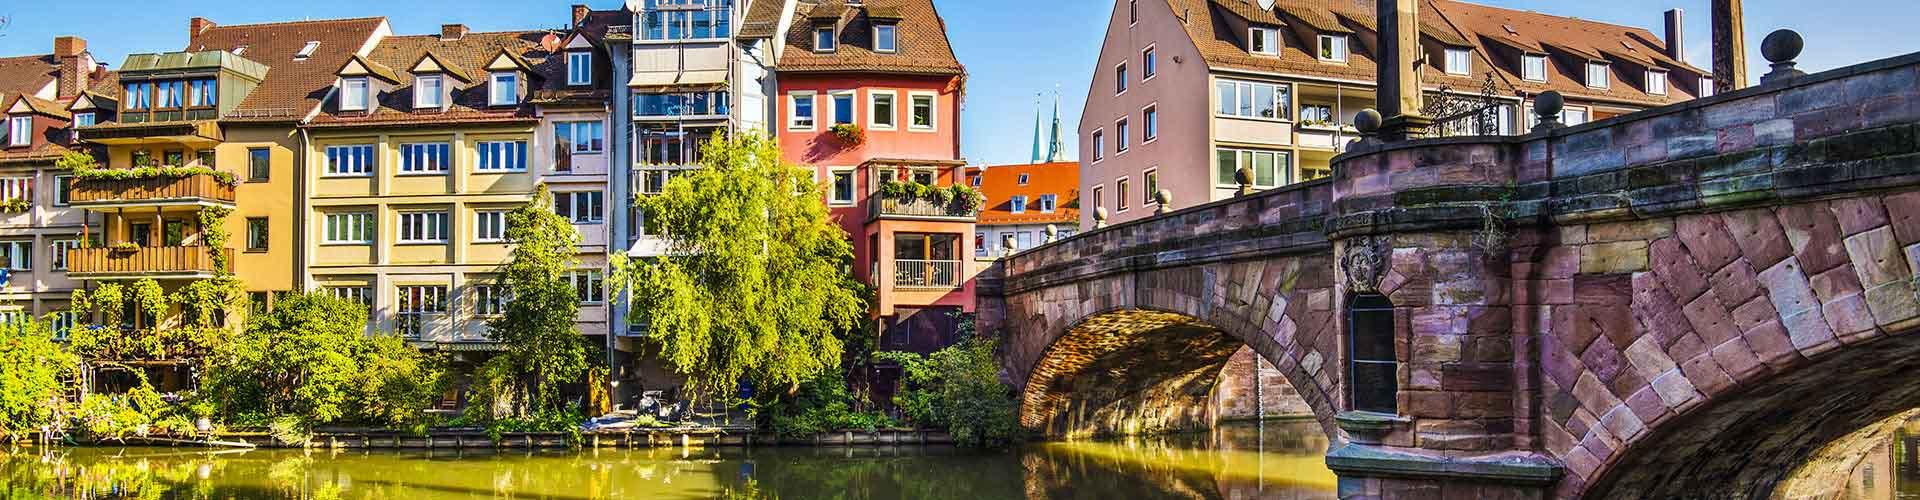 ニュルンベルク – Gleissbuehl地区のユースホステル. 地図 ニュルンベルク, すべてのユースホステルの写真とレビュー ニュルンベルク.